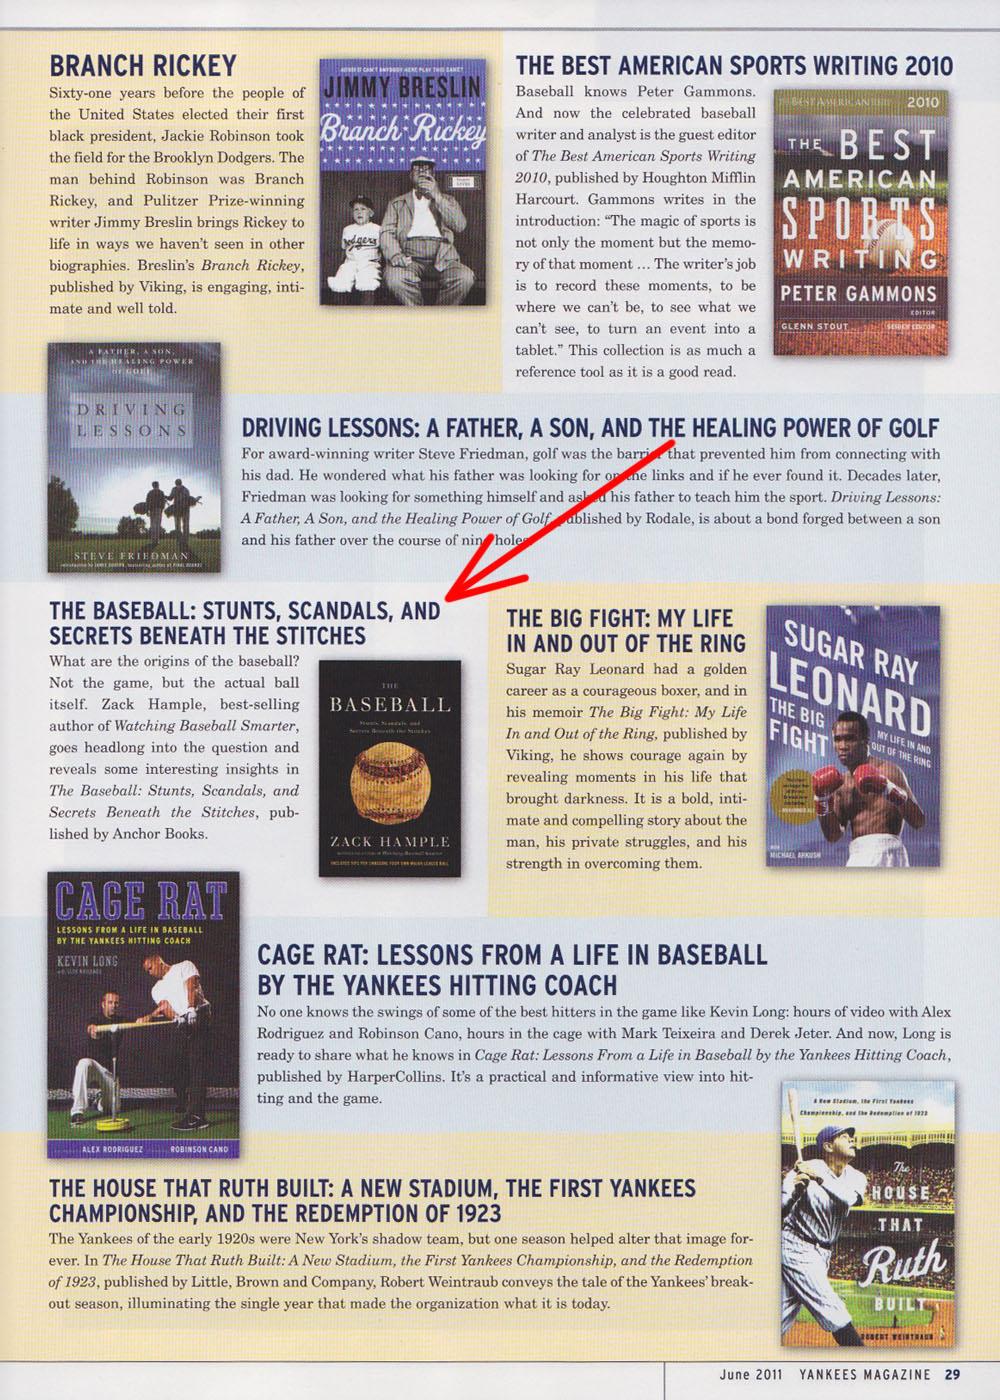 Yankees Magazine June 2011 Zack Hample